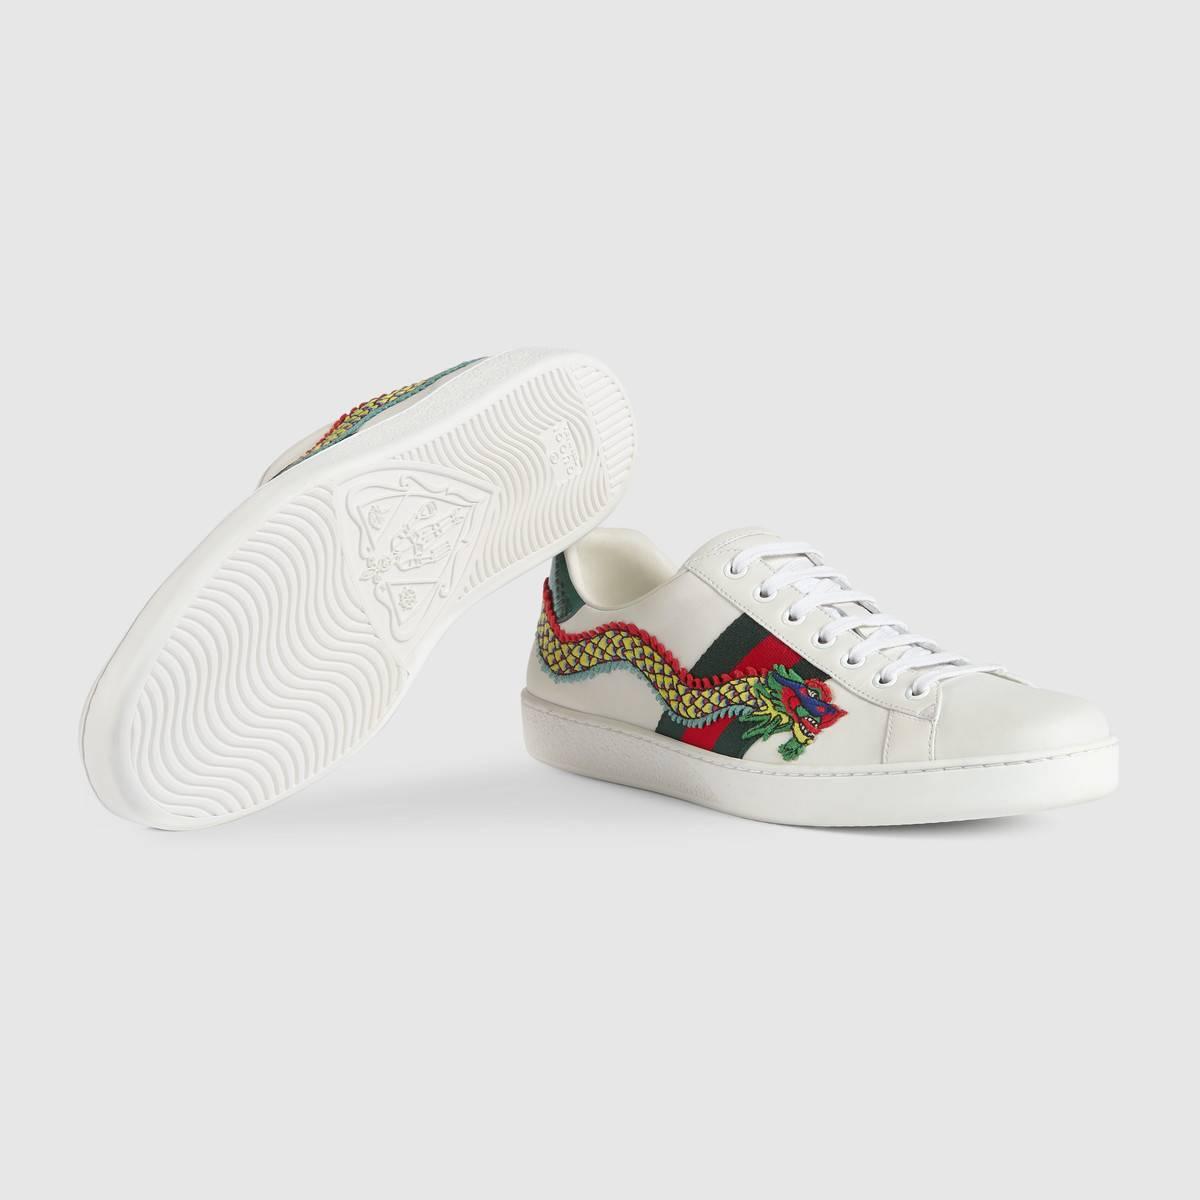 274ba6d15bf Gucci ace draak heren sneakers wit/groen - Vind je in Sneakerstad